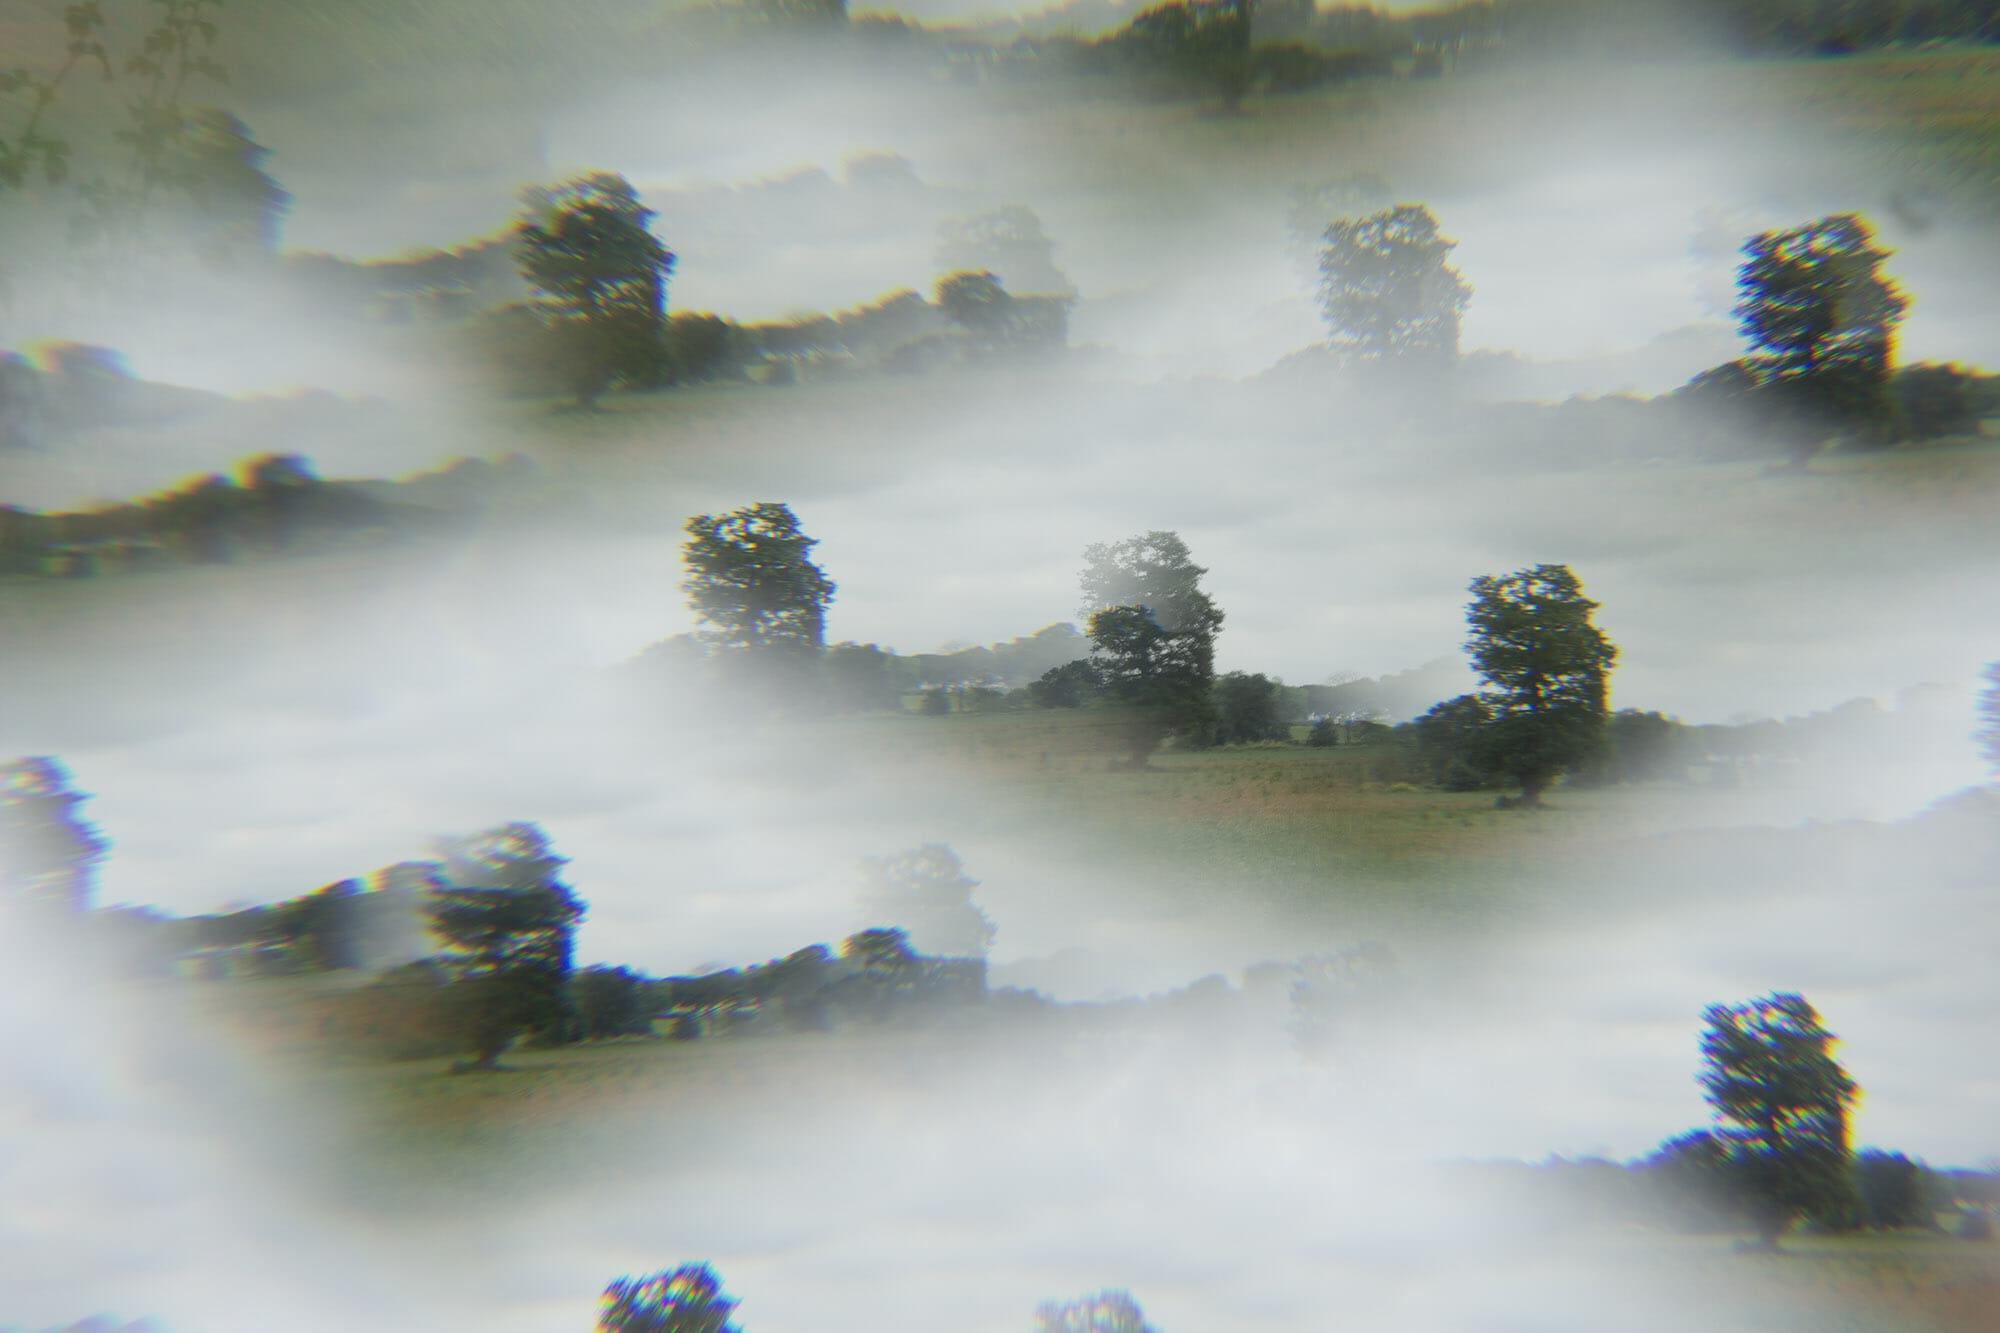 trees kaleidoscope effect photography